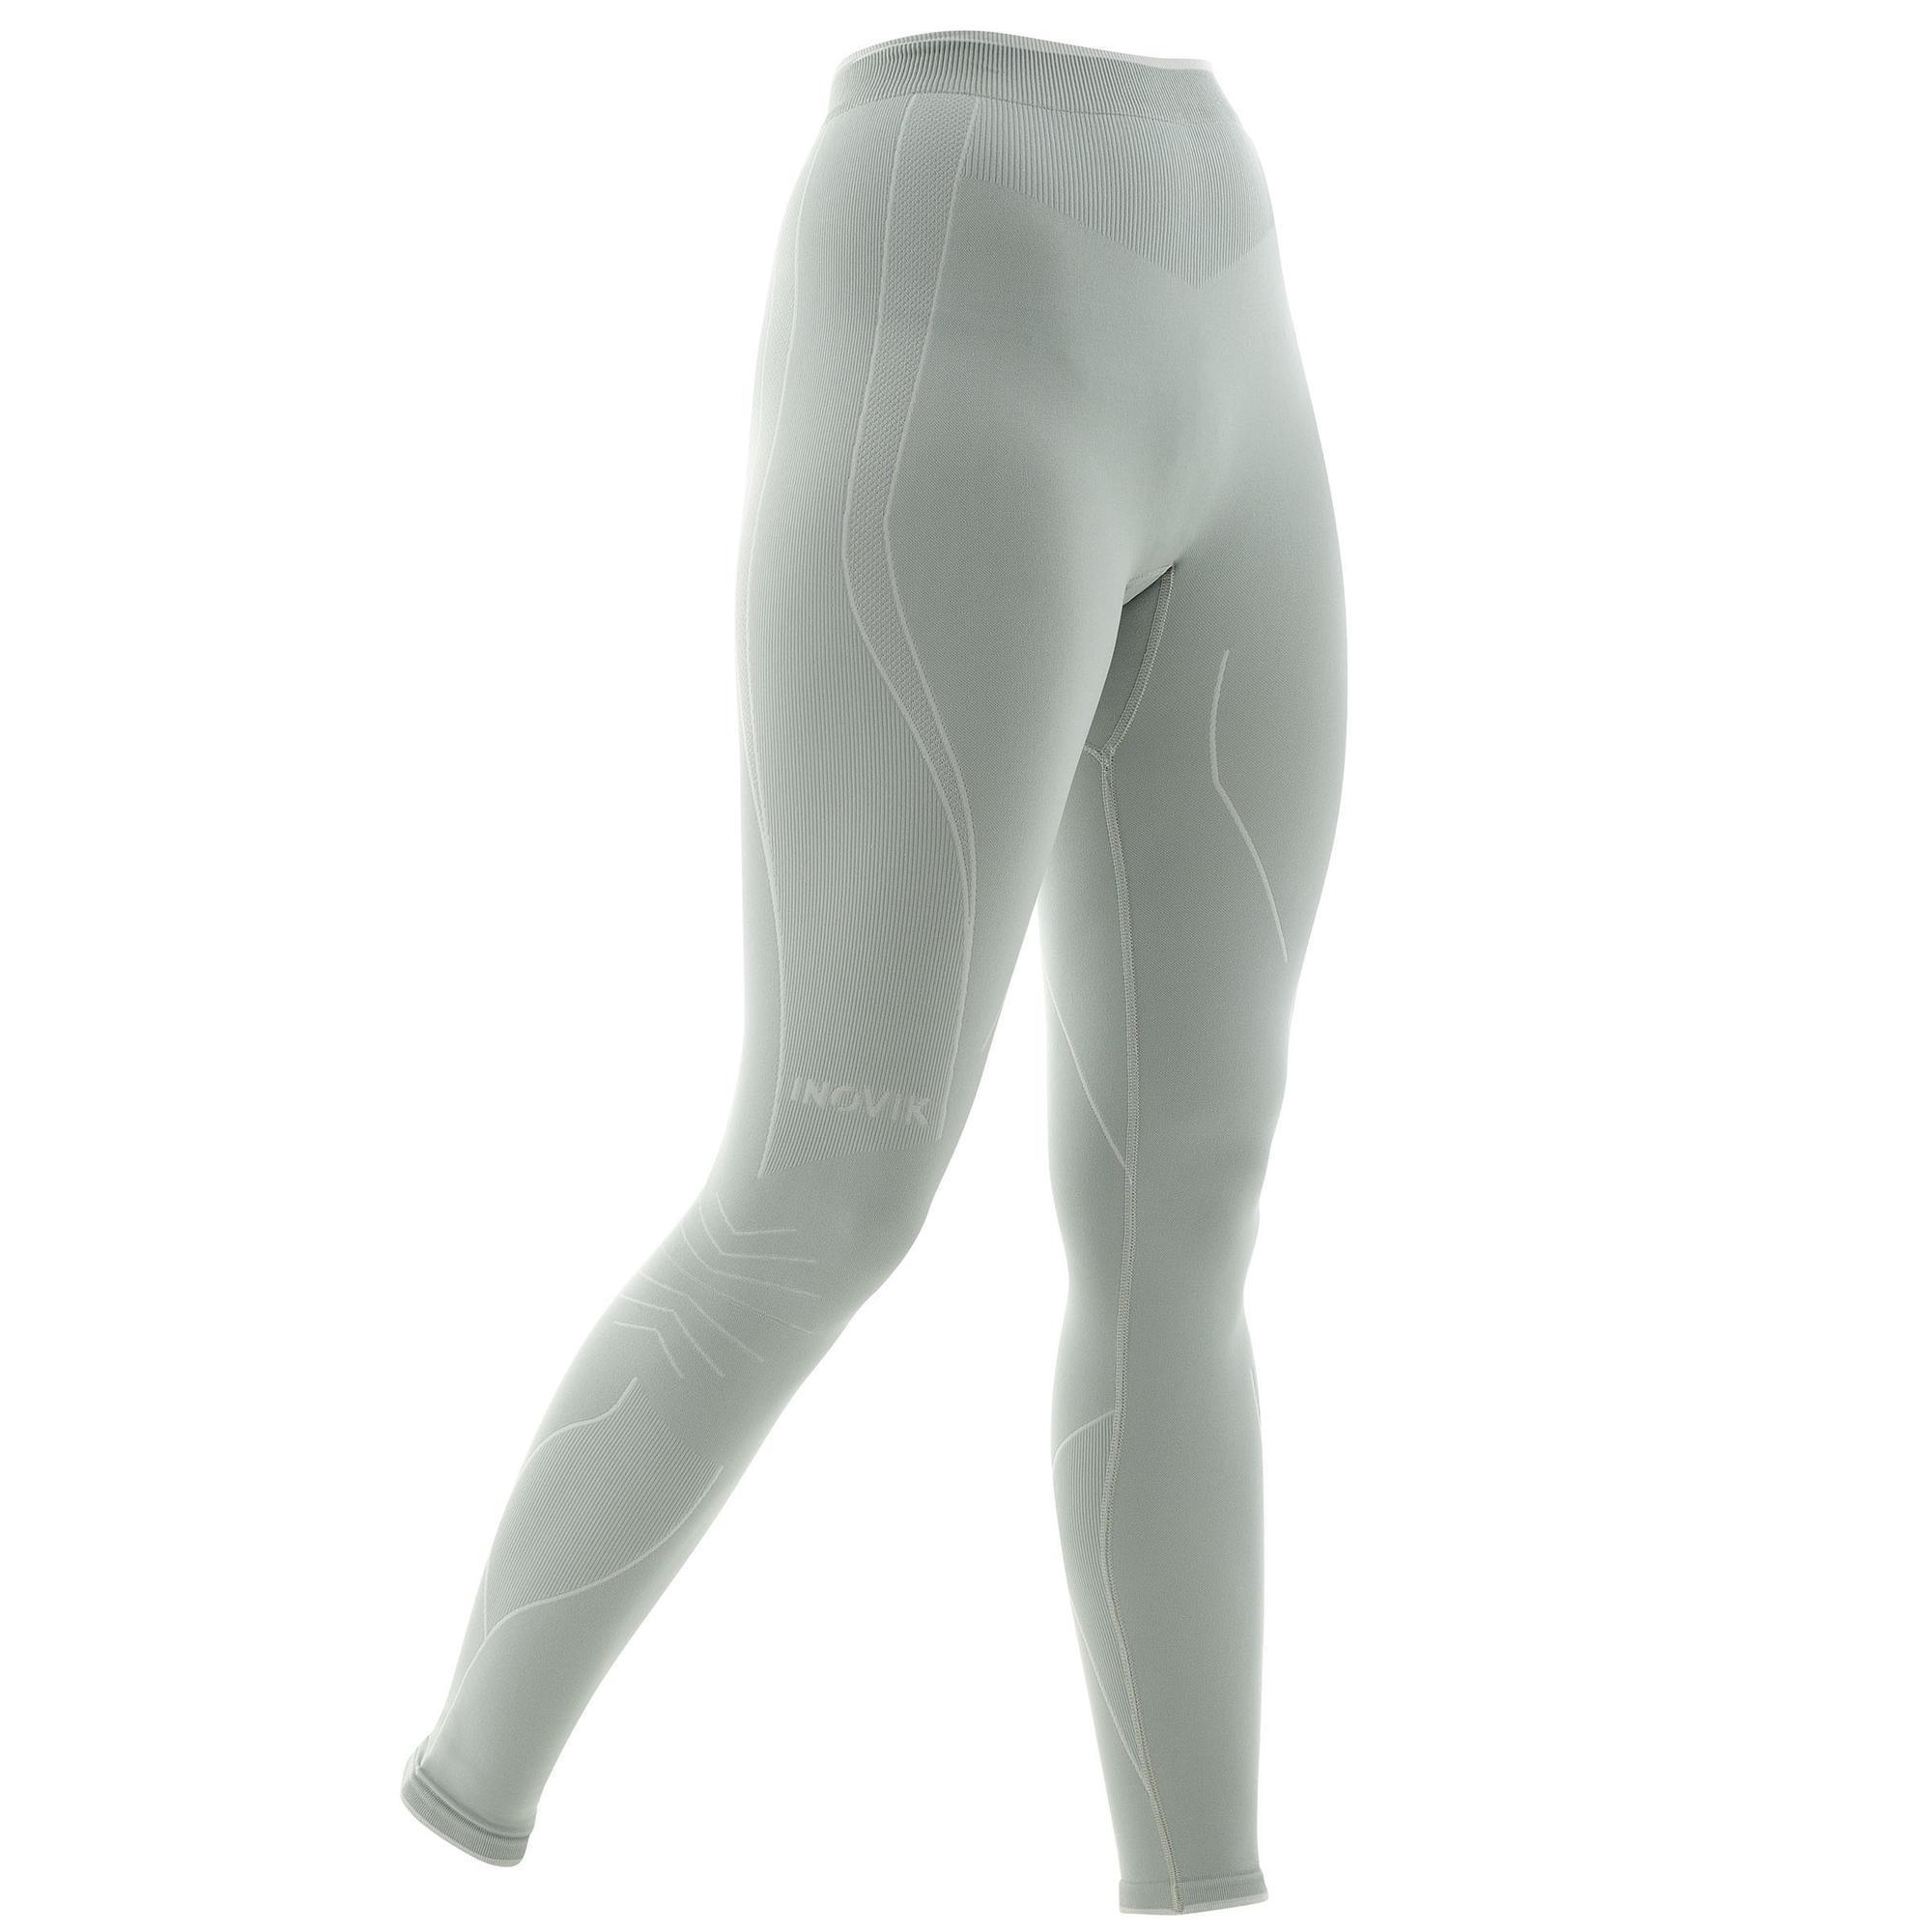 Lange Skiunterhose XC S 550 Damen grau | Sportbekleidung > Funktionswäsche > Thermounterwäsche | Grau | Inovik